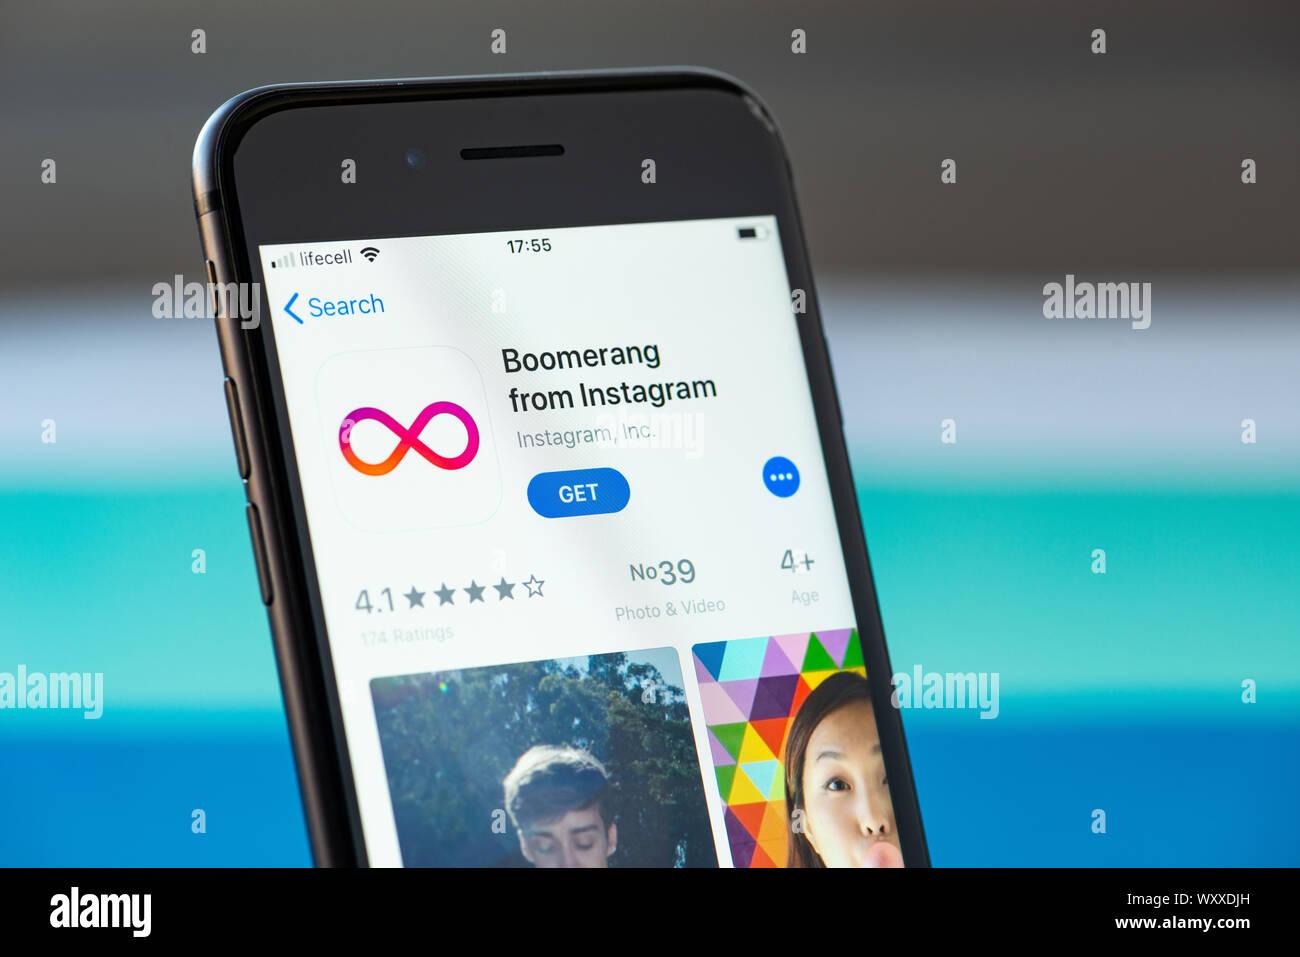 Kiev, Ukraine - le 17 septembre 2019: Apple iPhone 8 smartphone avec l'application mobile boomerang sur l'écran Banque D'Images